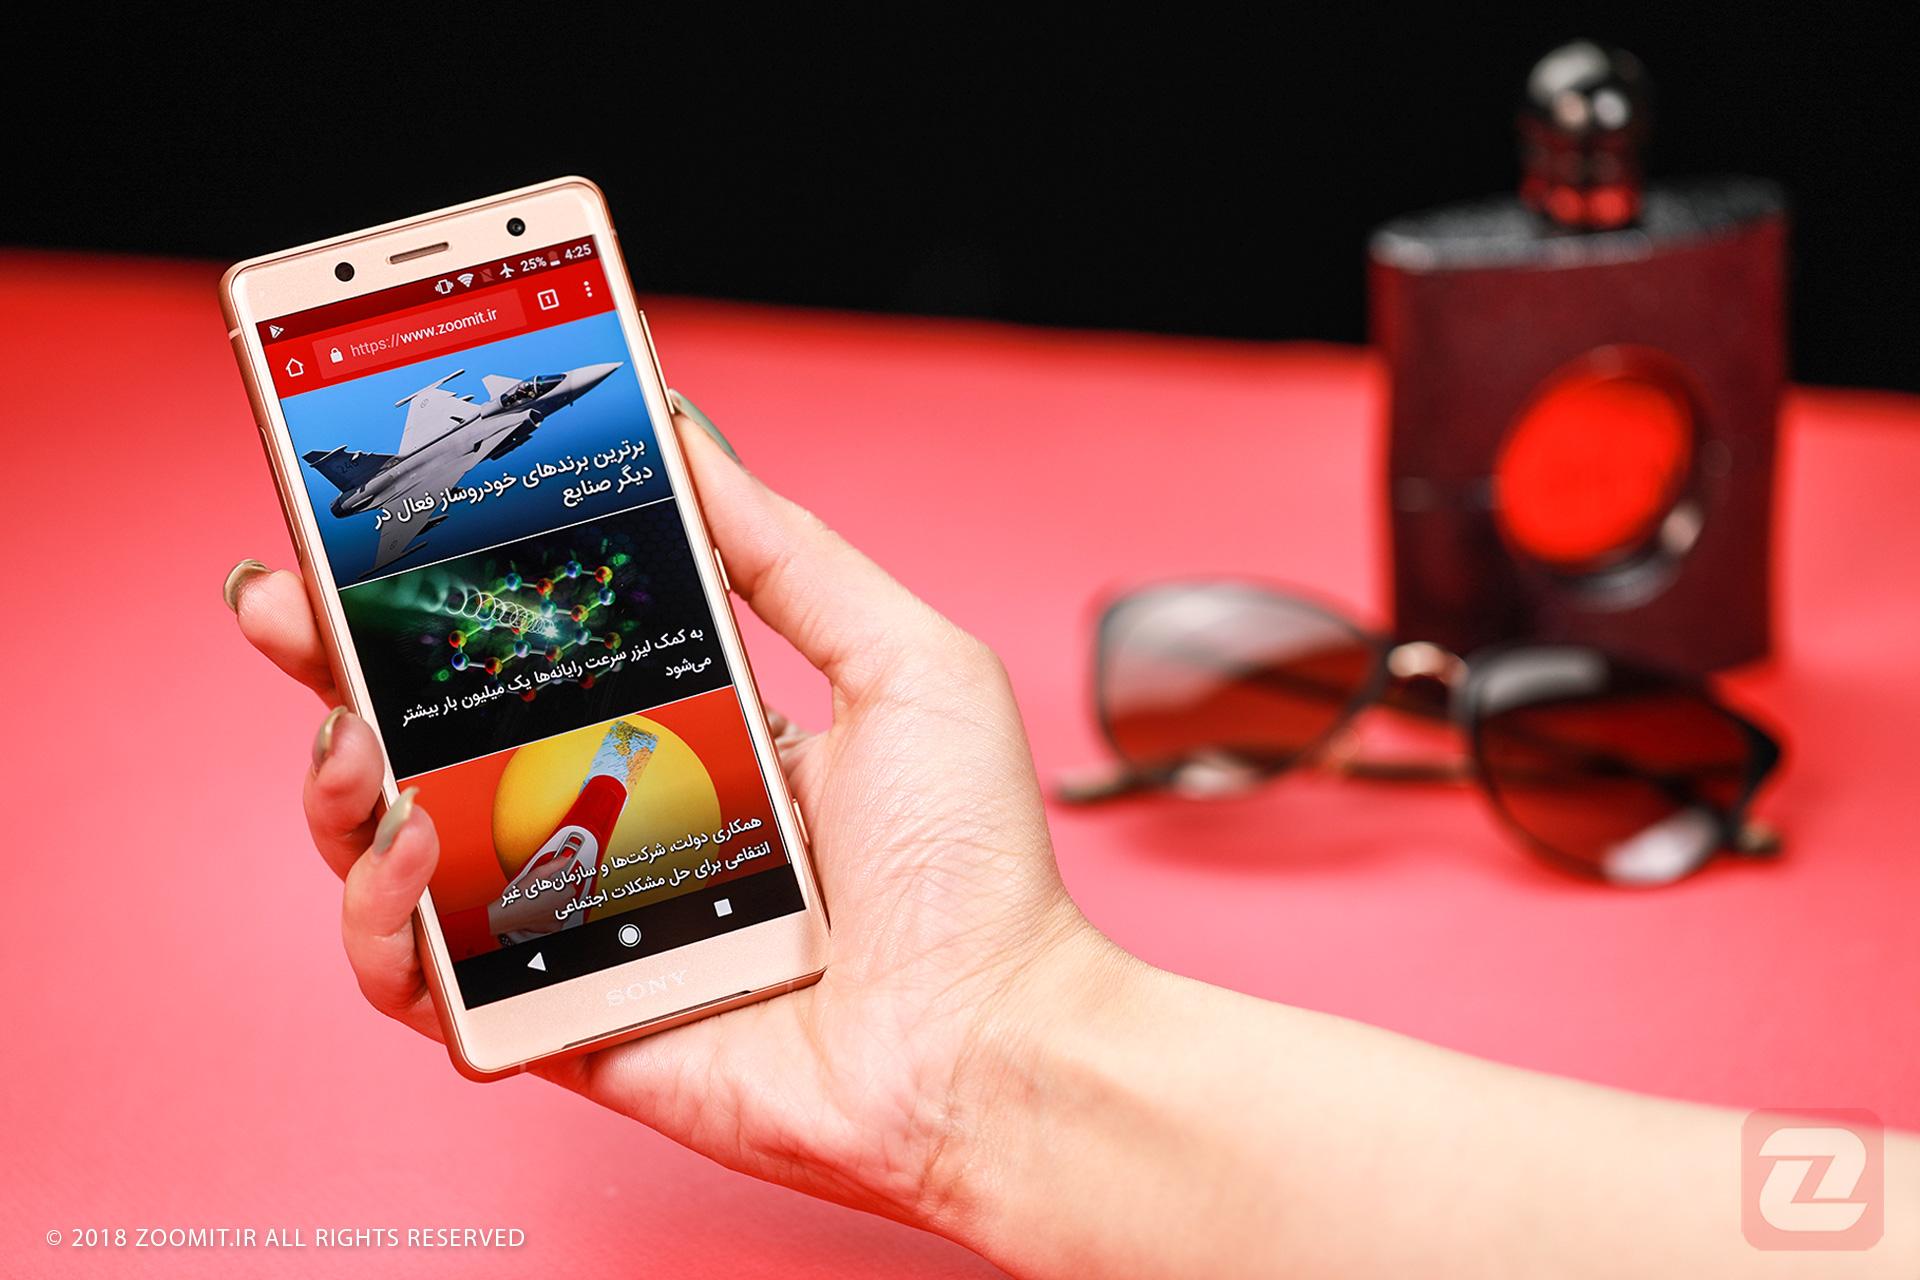 سونی معرفی اکسپریا XZ4 در کنگره جهانی موبایل ۲۰۱۹ را بهطور تلویحی تأیید کرد